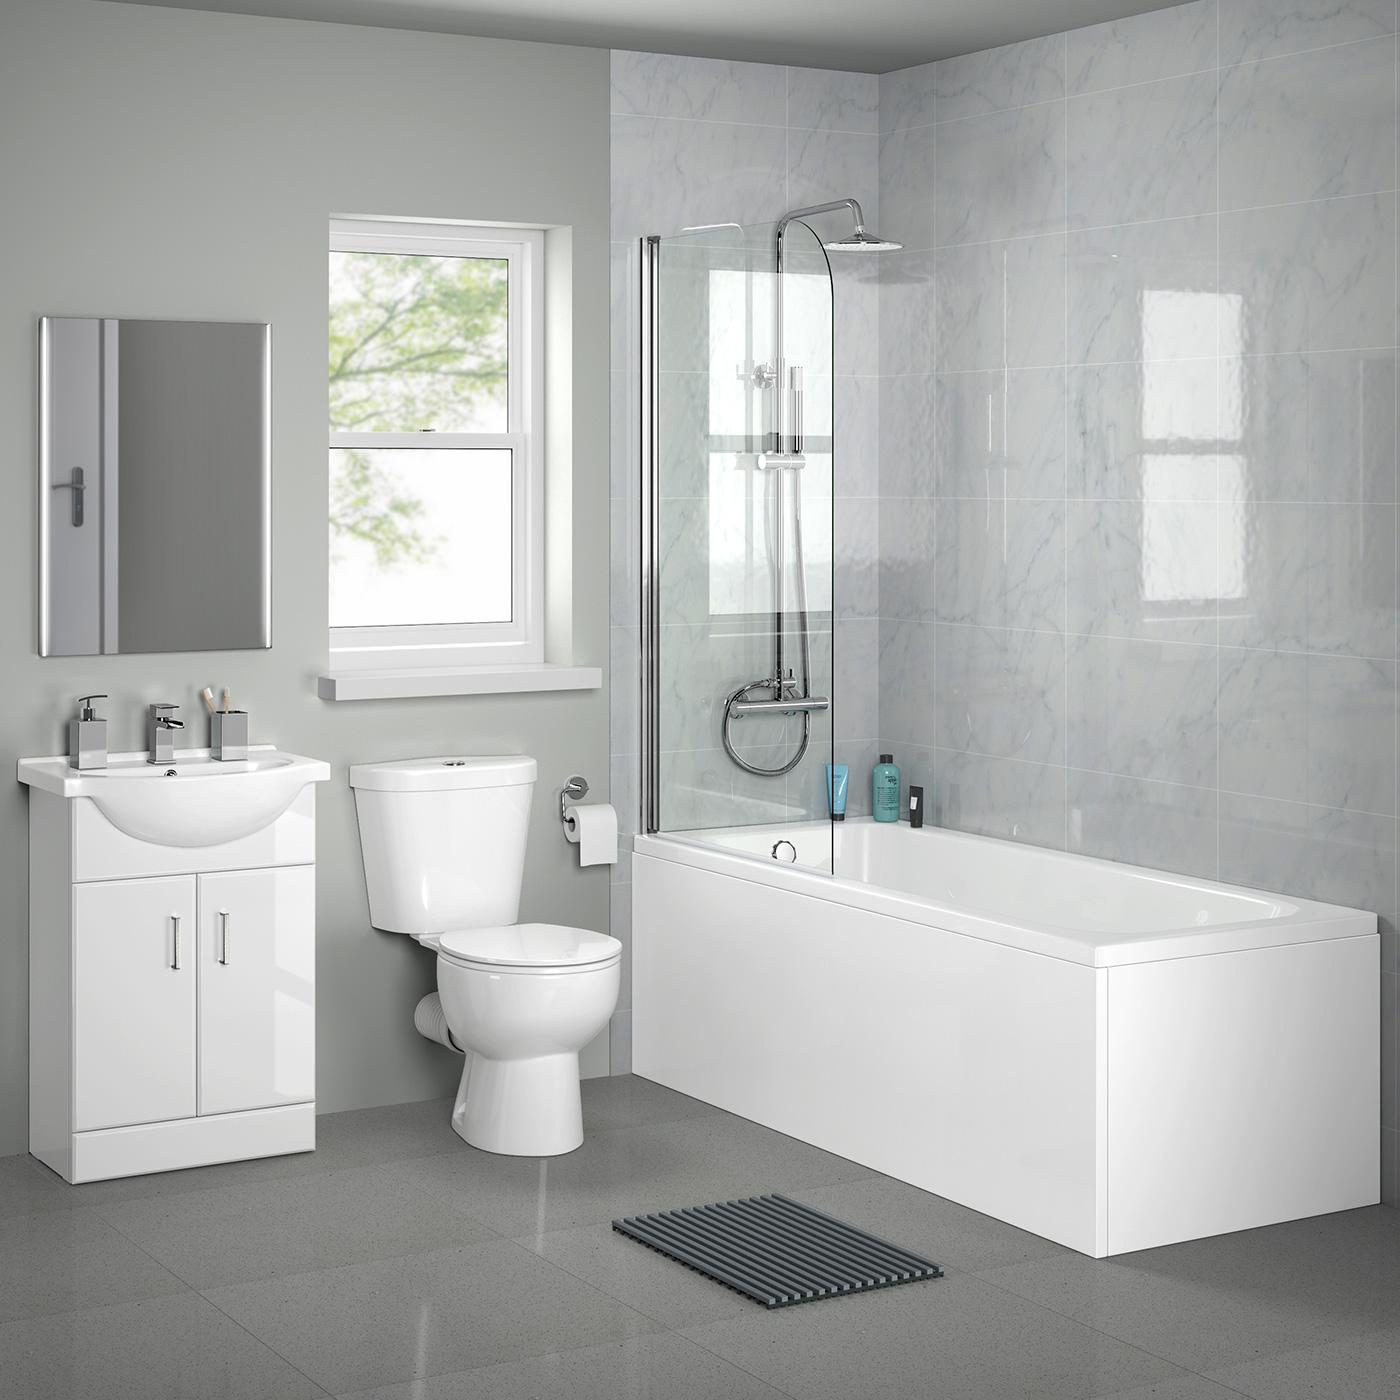 Bathroom Suites  Accessories  Woodhouse  Sturnham Ltd plumbing merchants in Peterborough